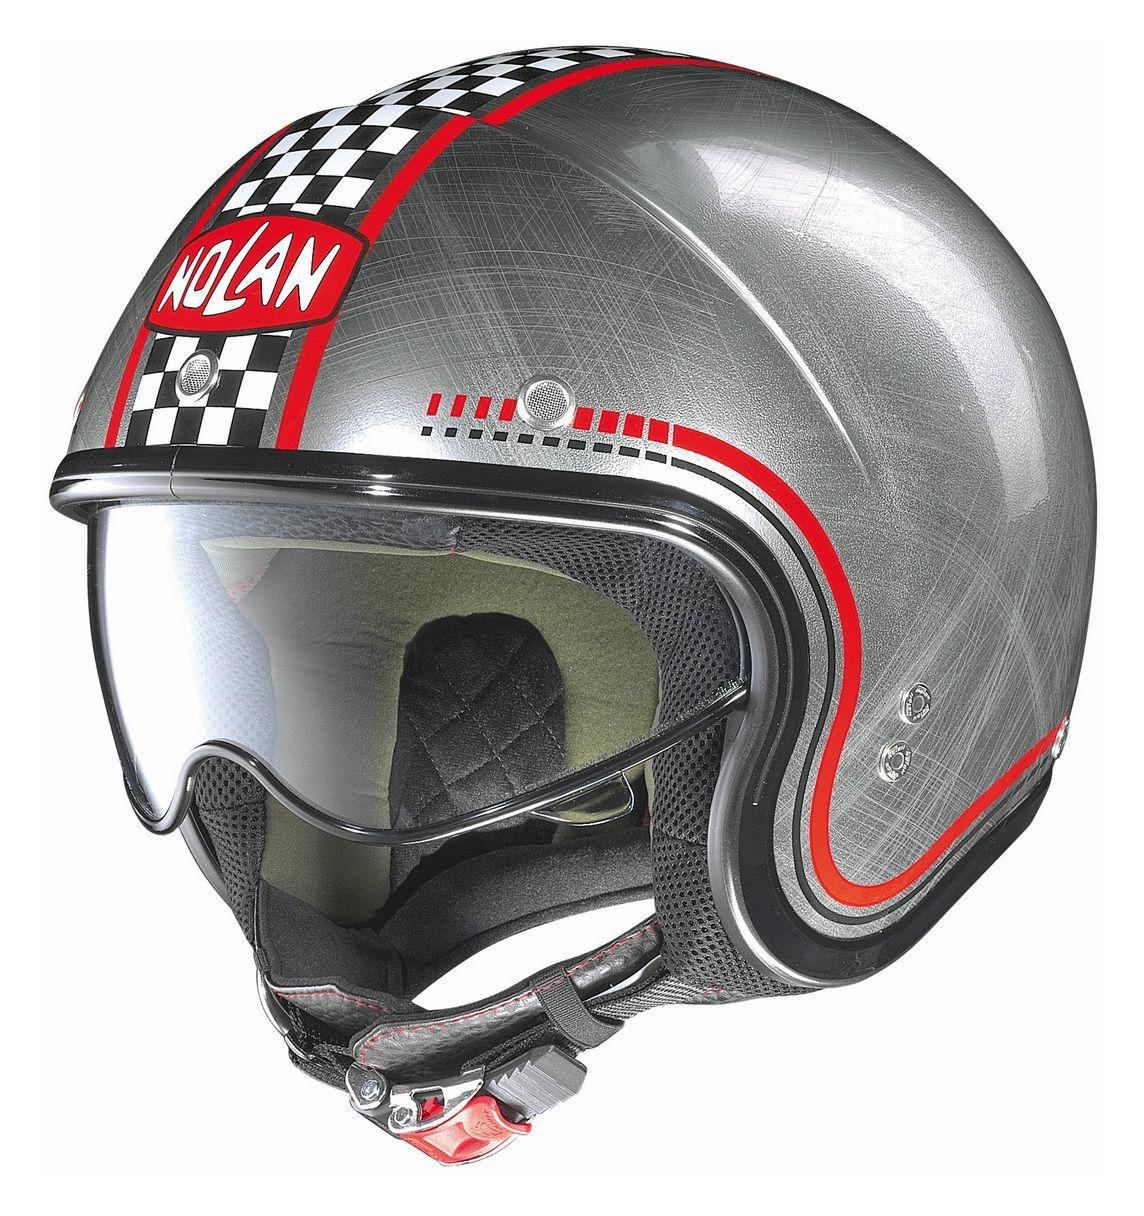 nolan n21 vintage lario scratched helmet sm 52 139. Black Bedroom Furniture Sets. Home Design Ideas